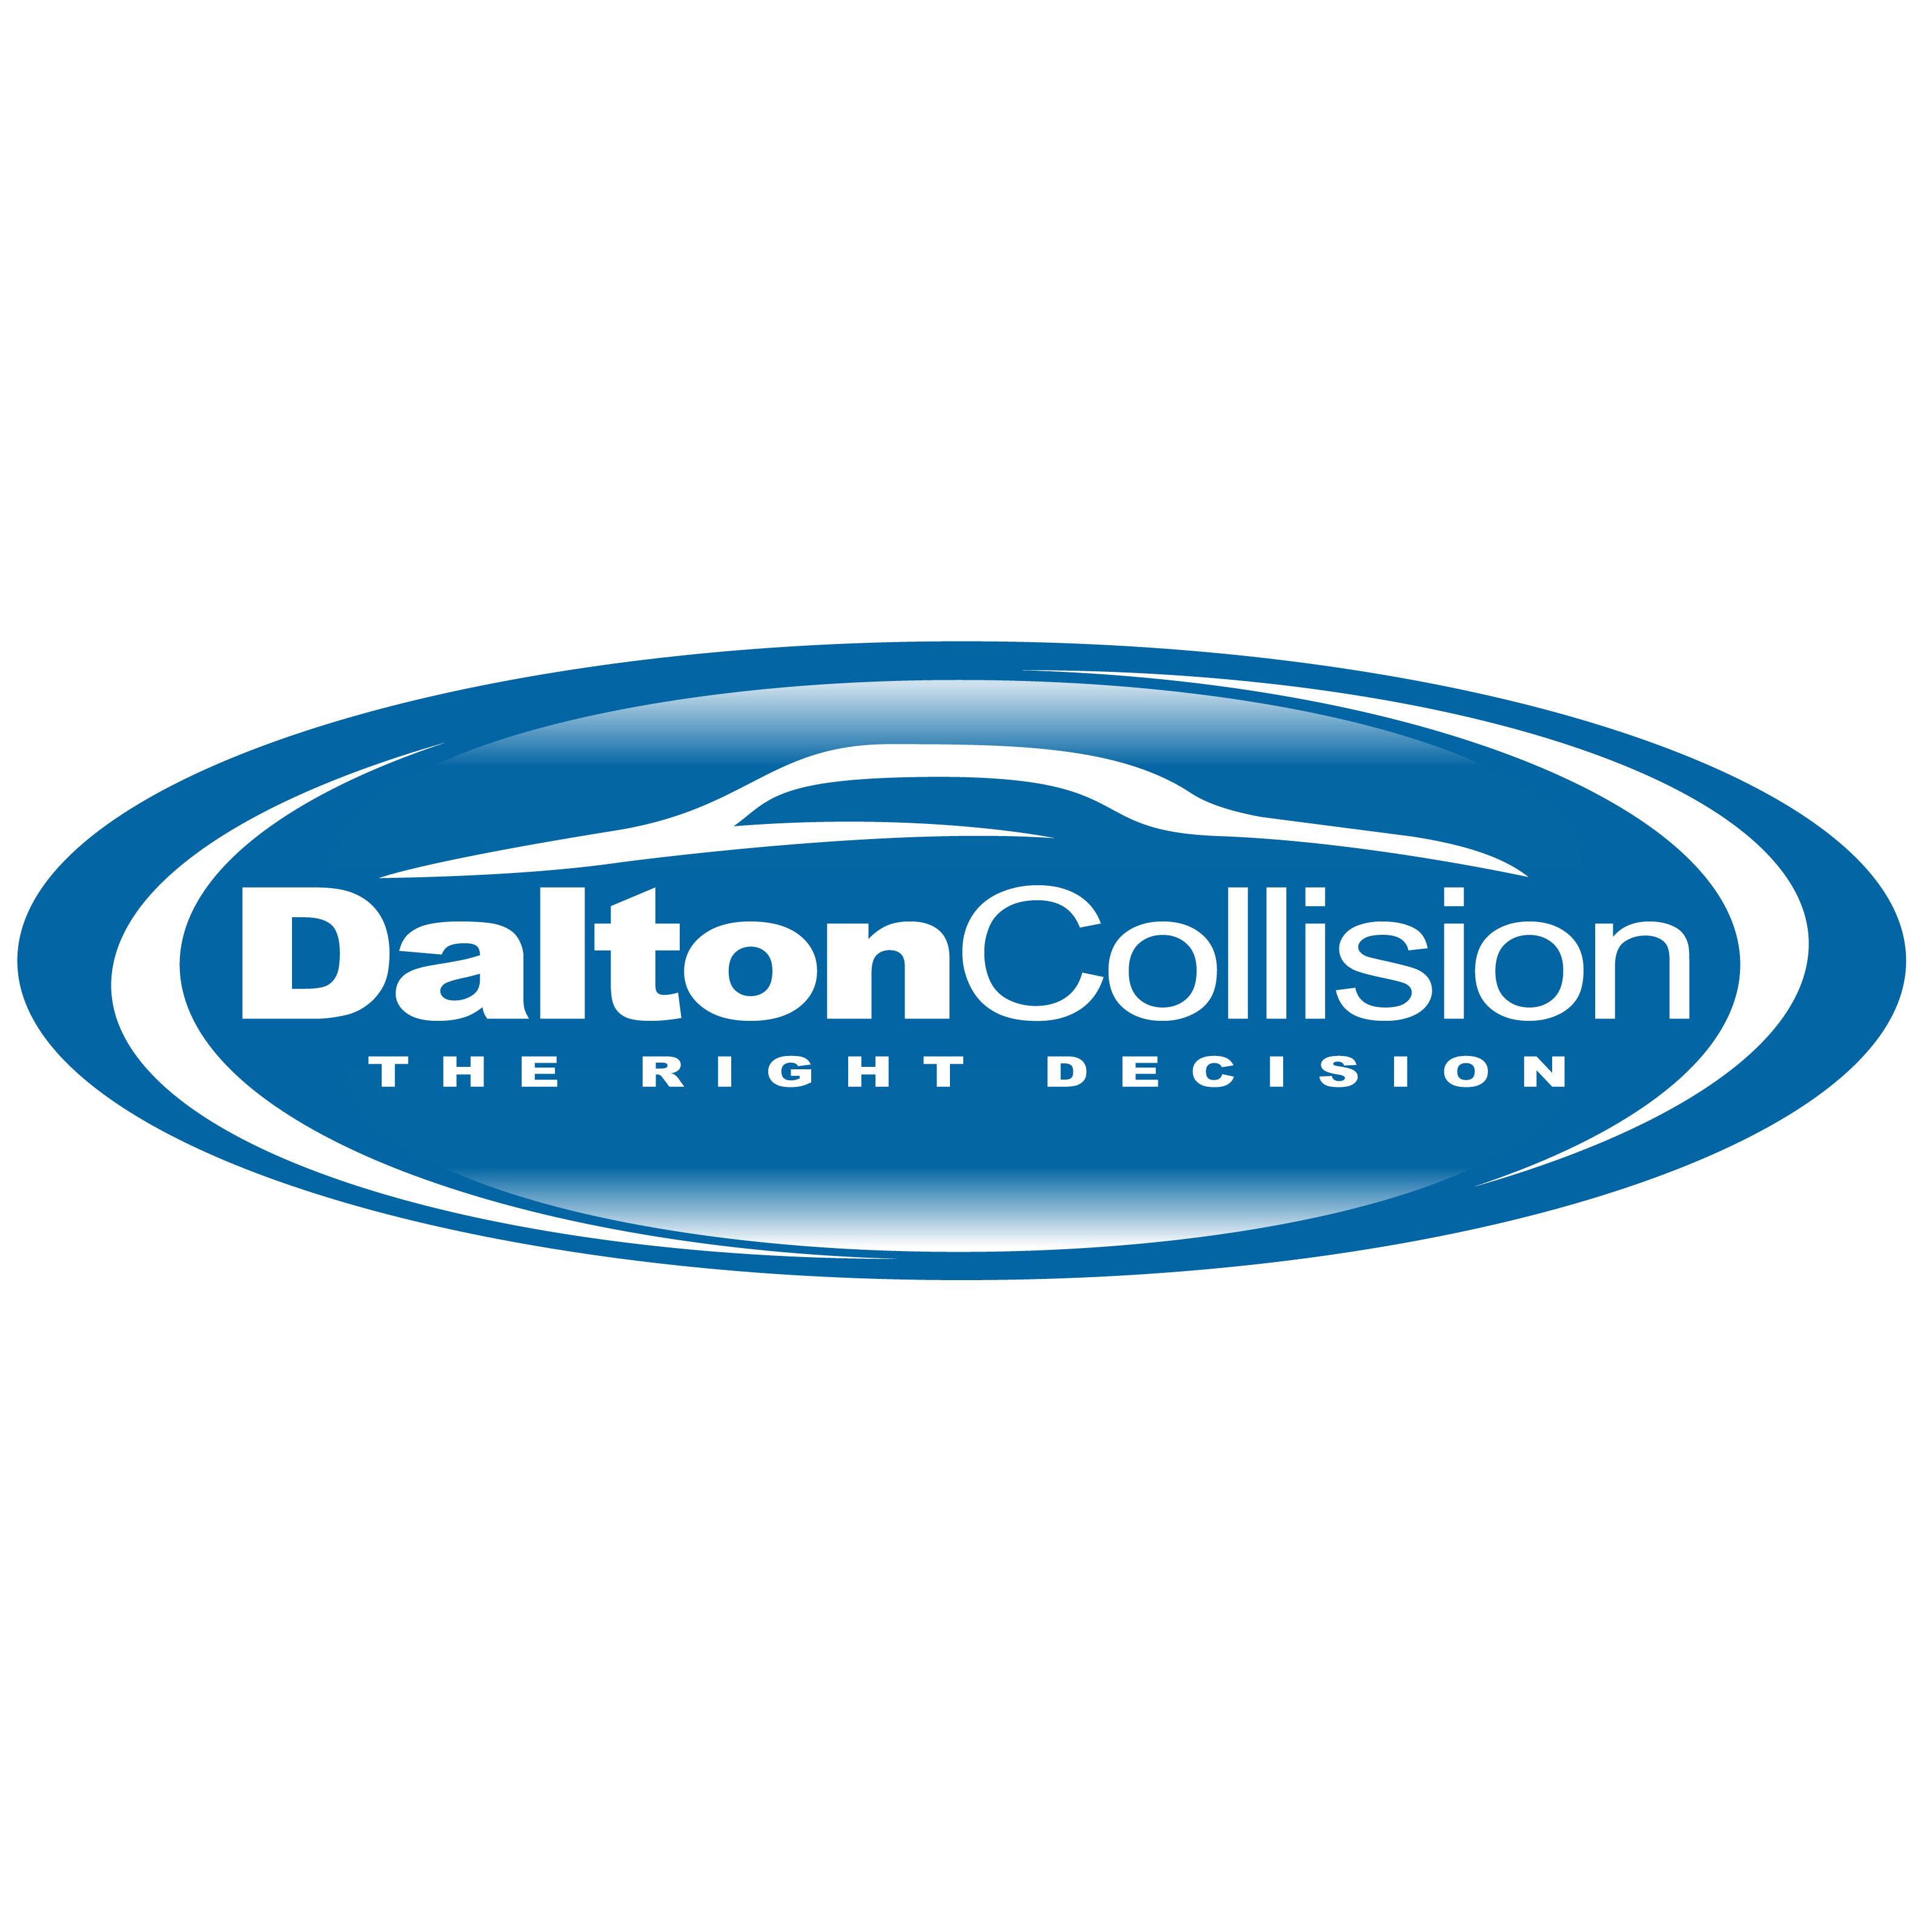 Dalton Collision Inc